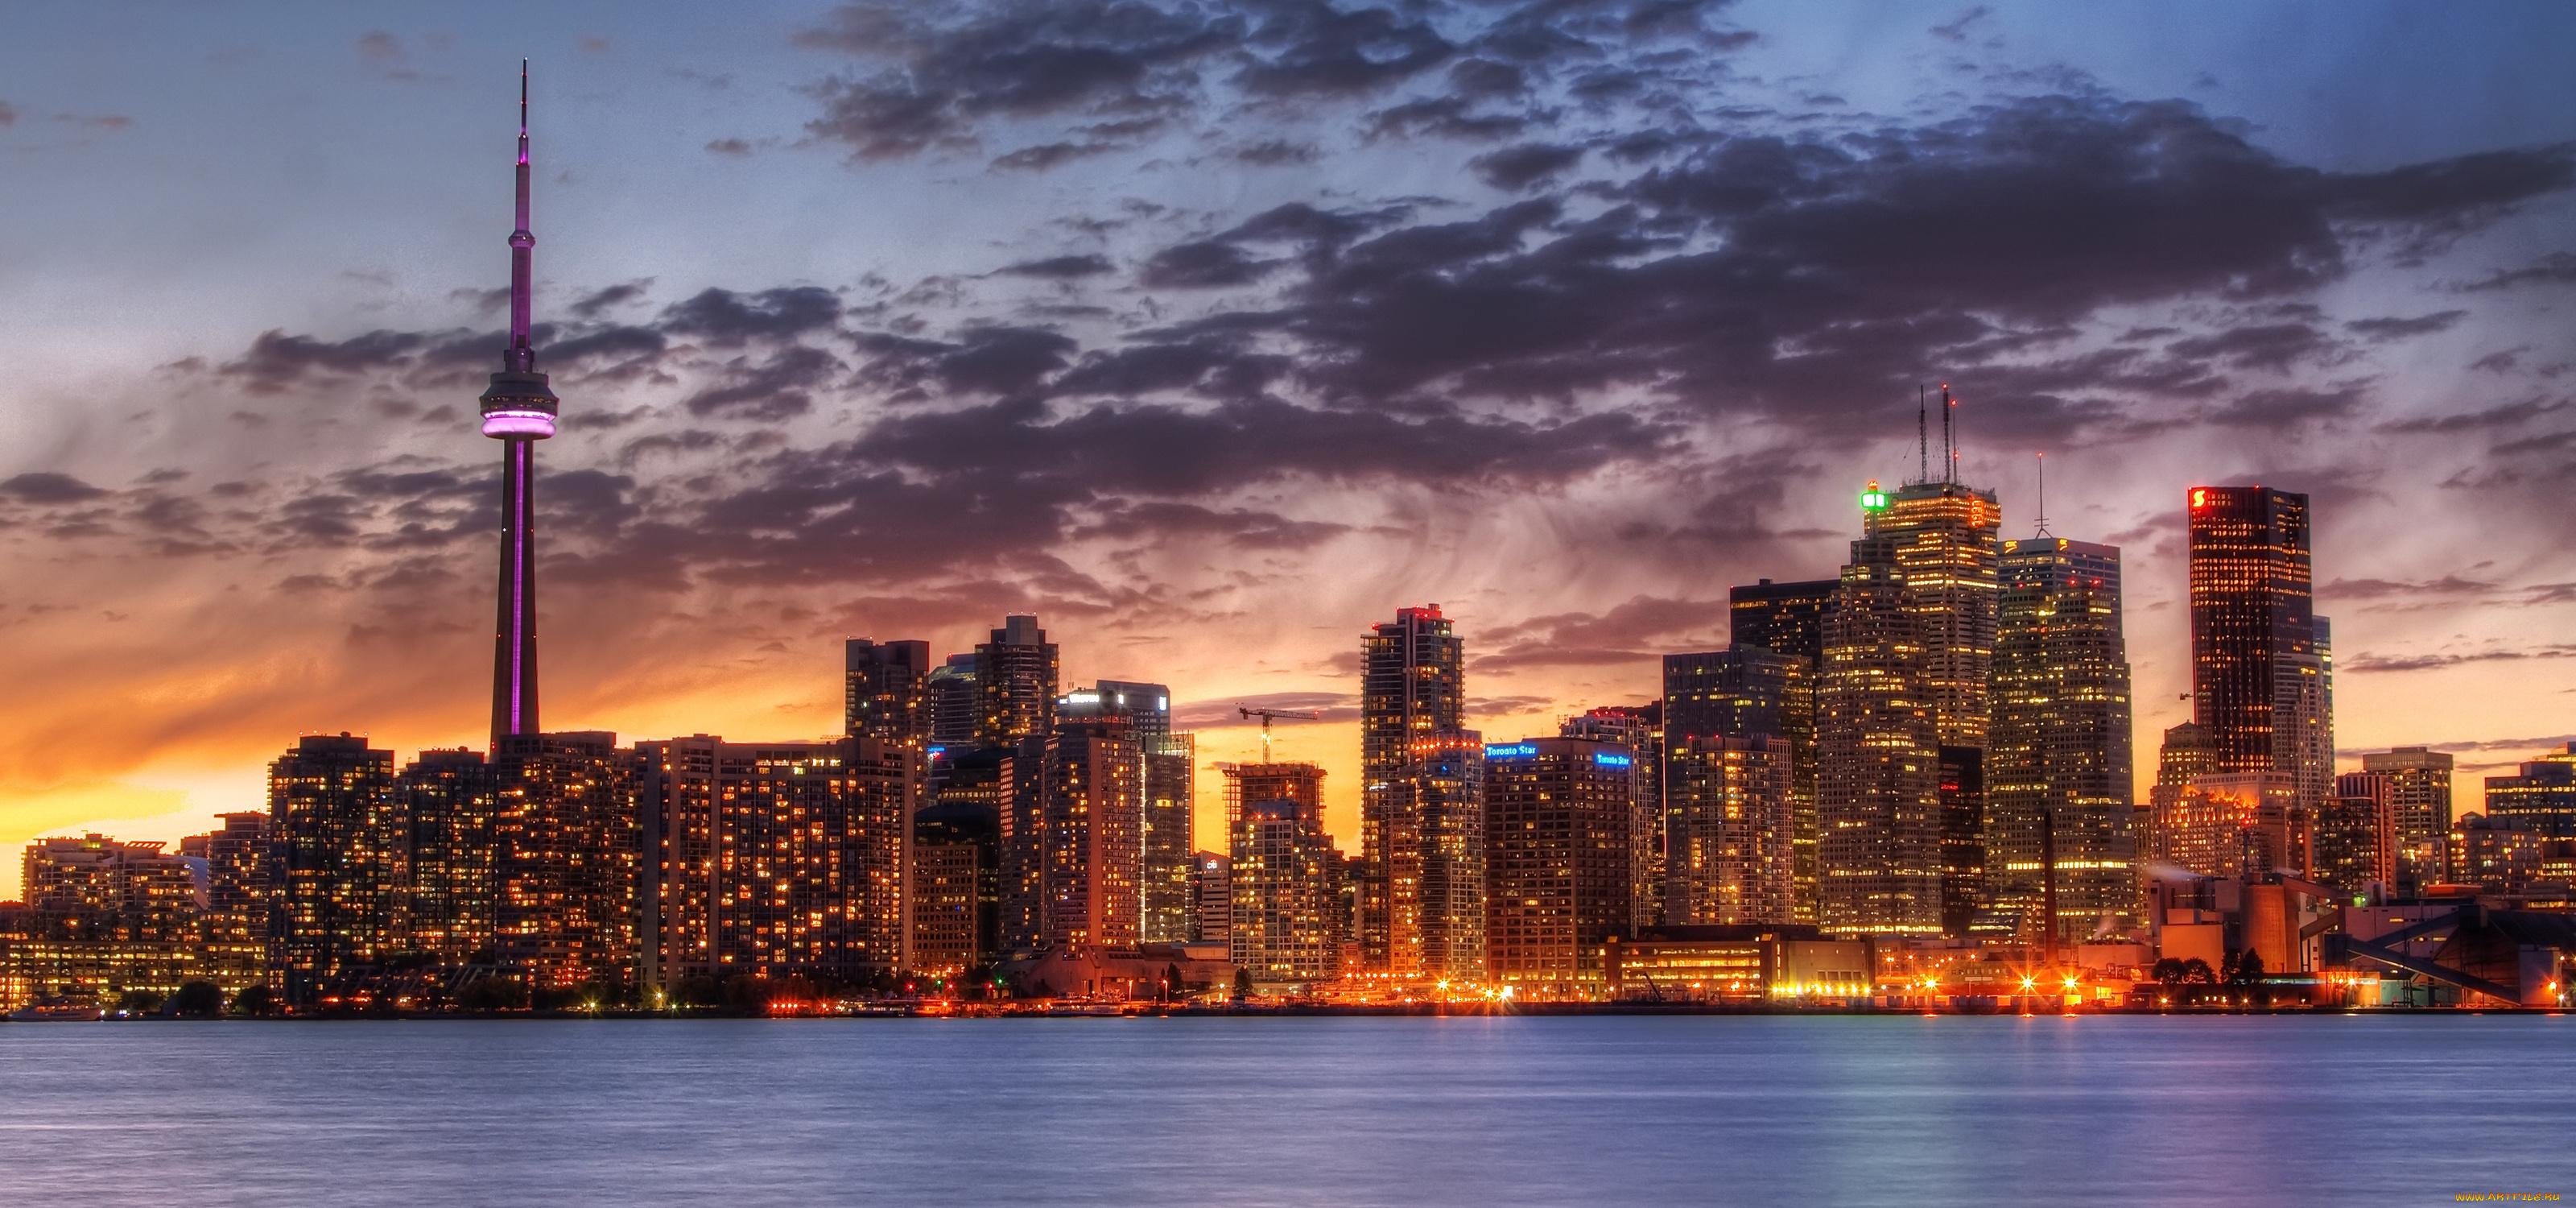 небоскребы закат город skyscrapers sunset the city  № 683722 загрузить